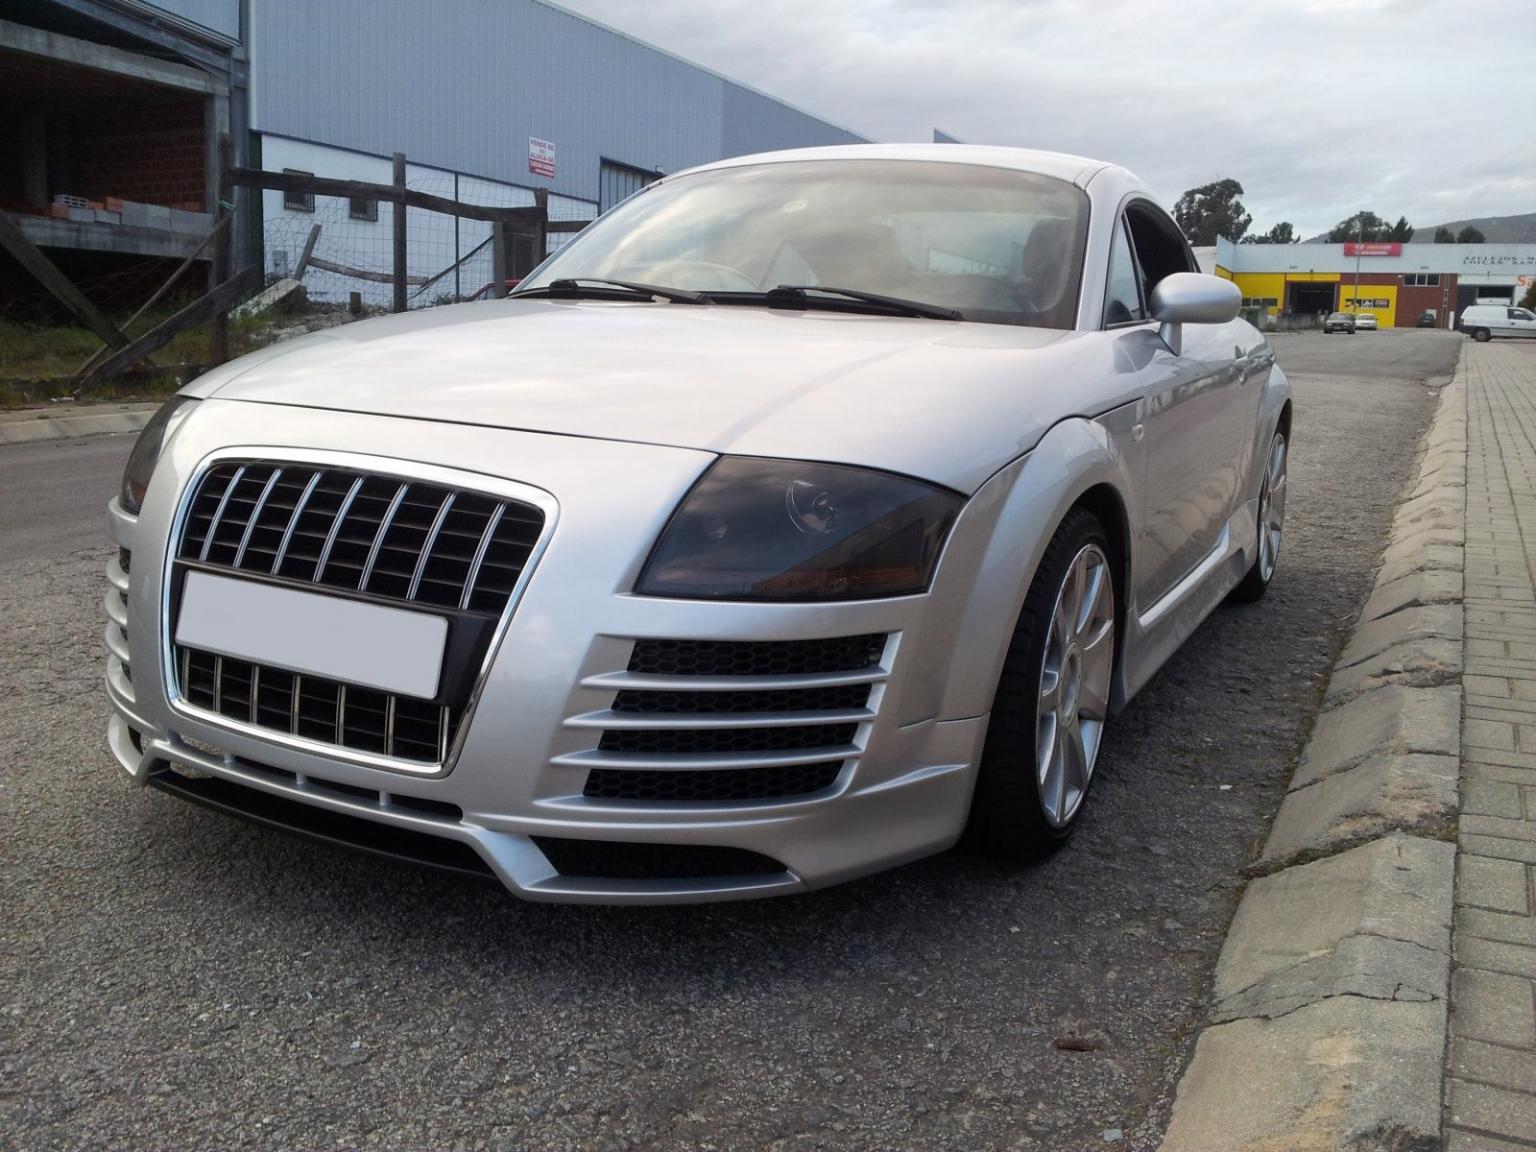 Audi-TT-8N-Coupe-98-05-Para-choques-Frente-look-R8